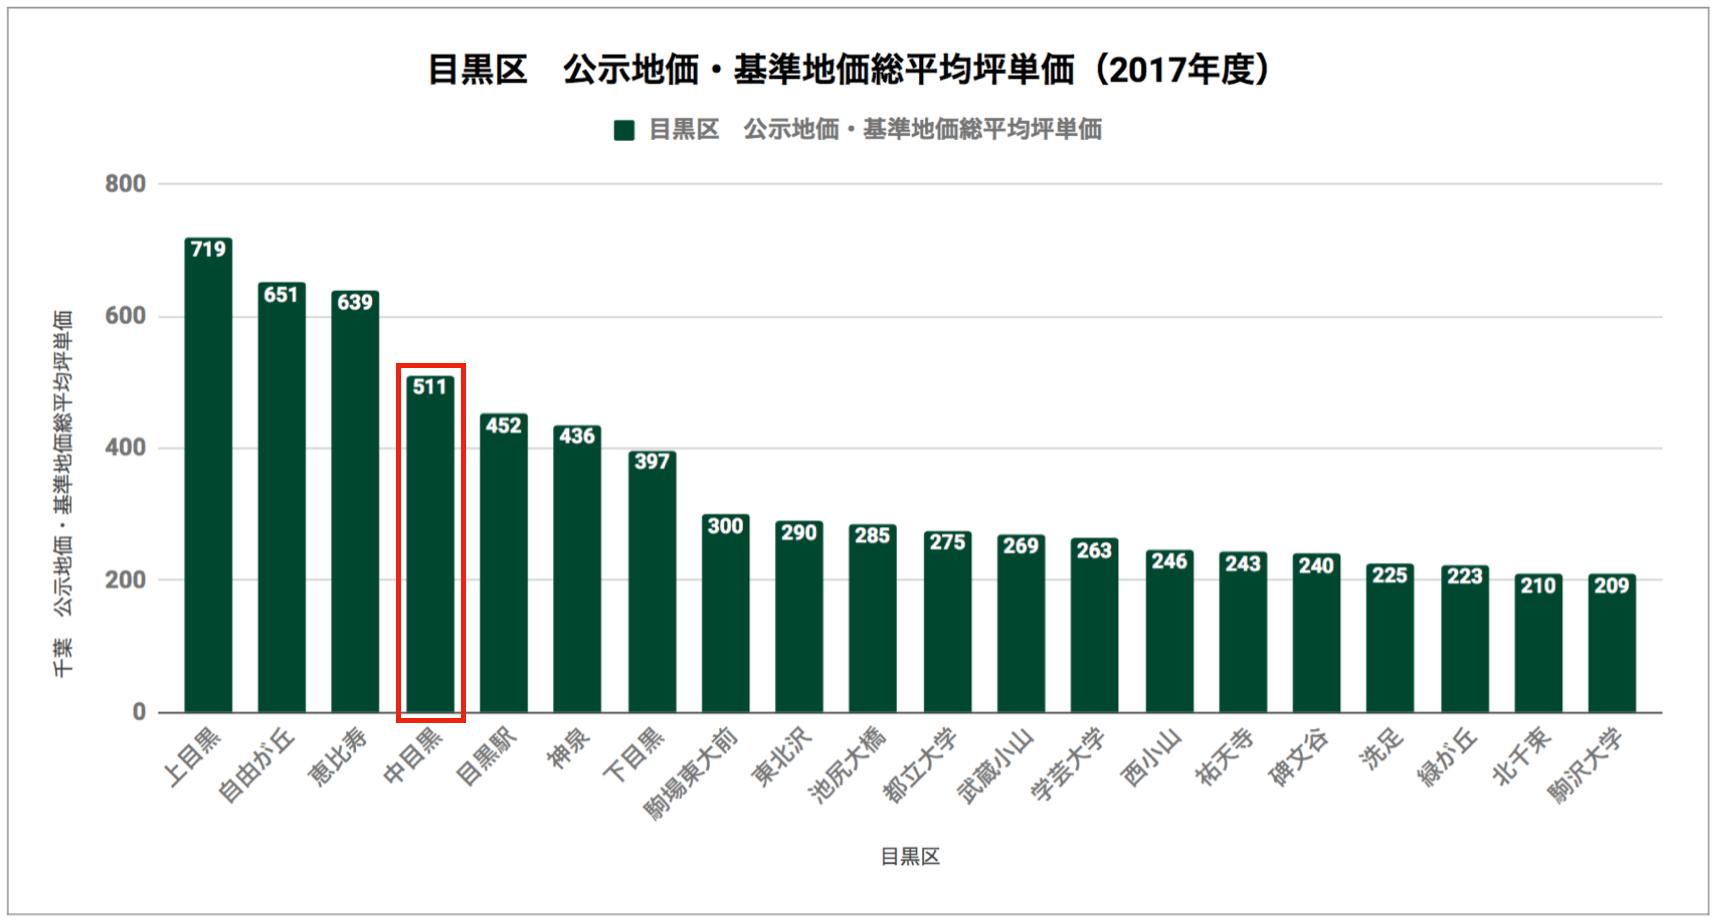 目黒区「公示地価・基準地価総平均坪単価(2017年度)」